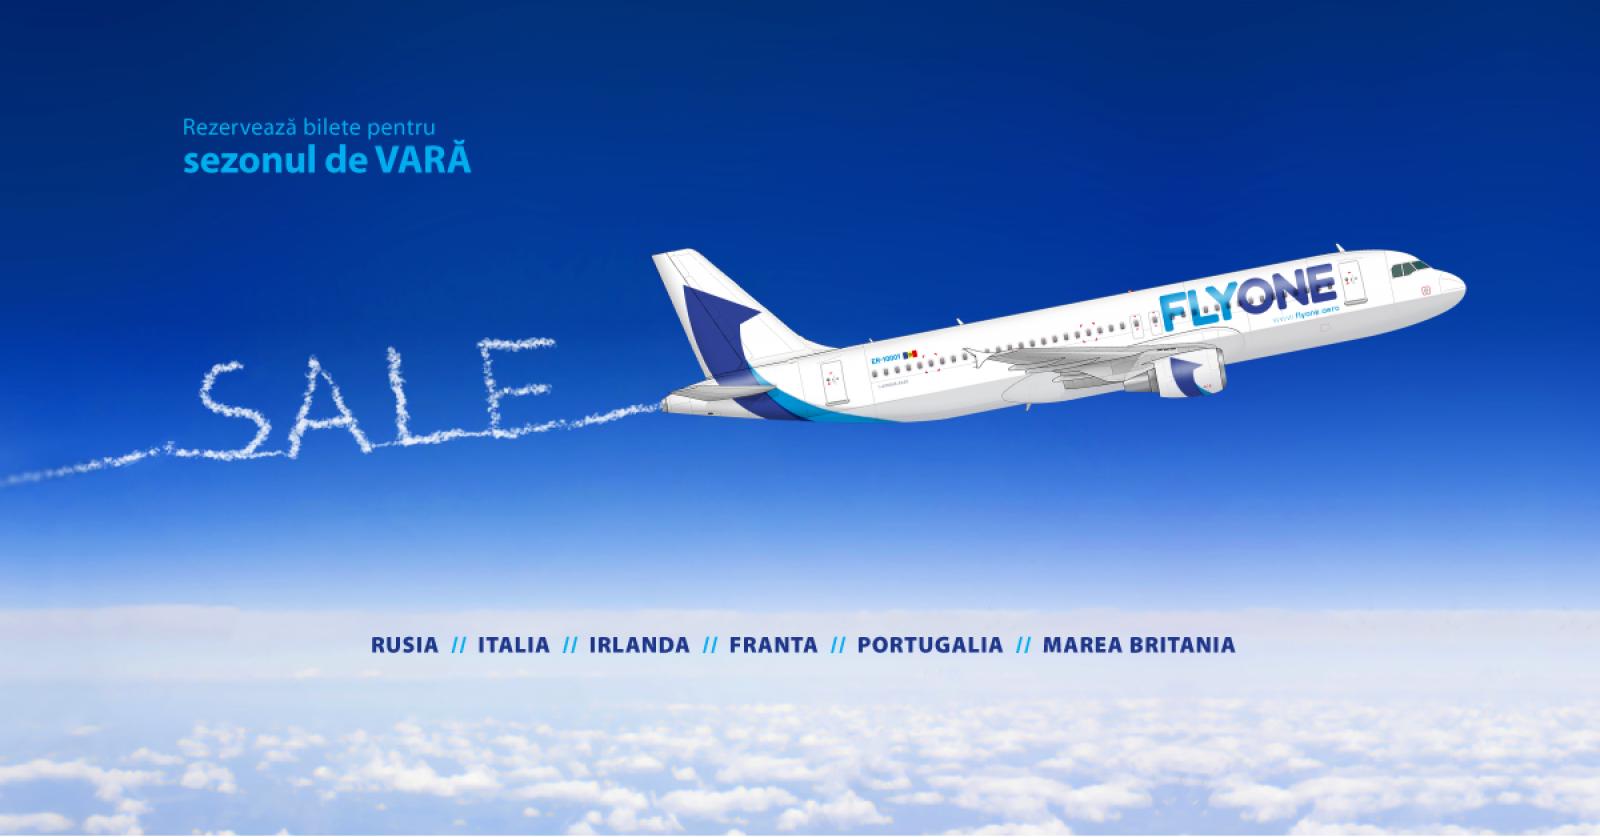 Compania Fly One a început vânzarea biletelor de avion pentru perioada de vară